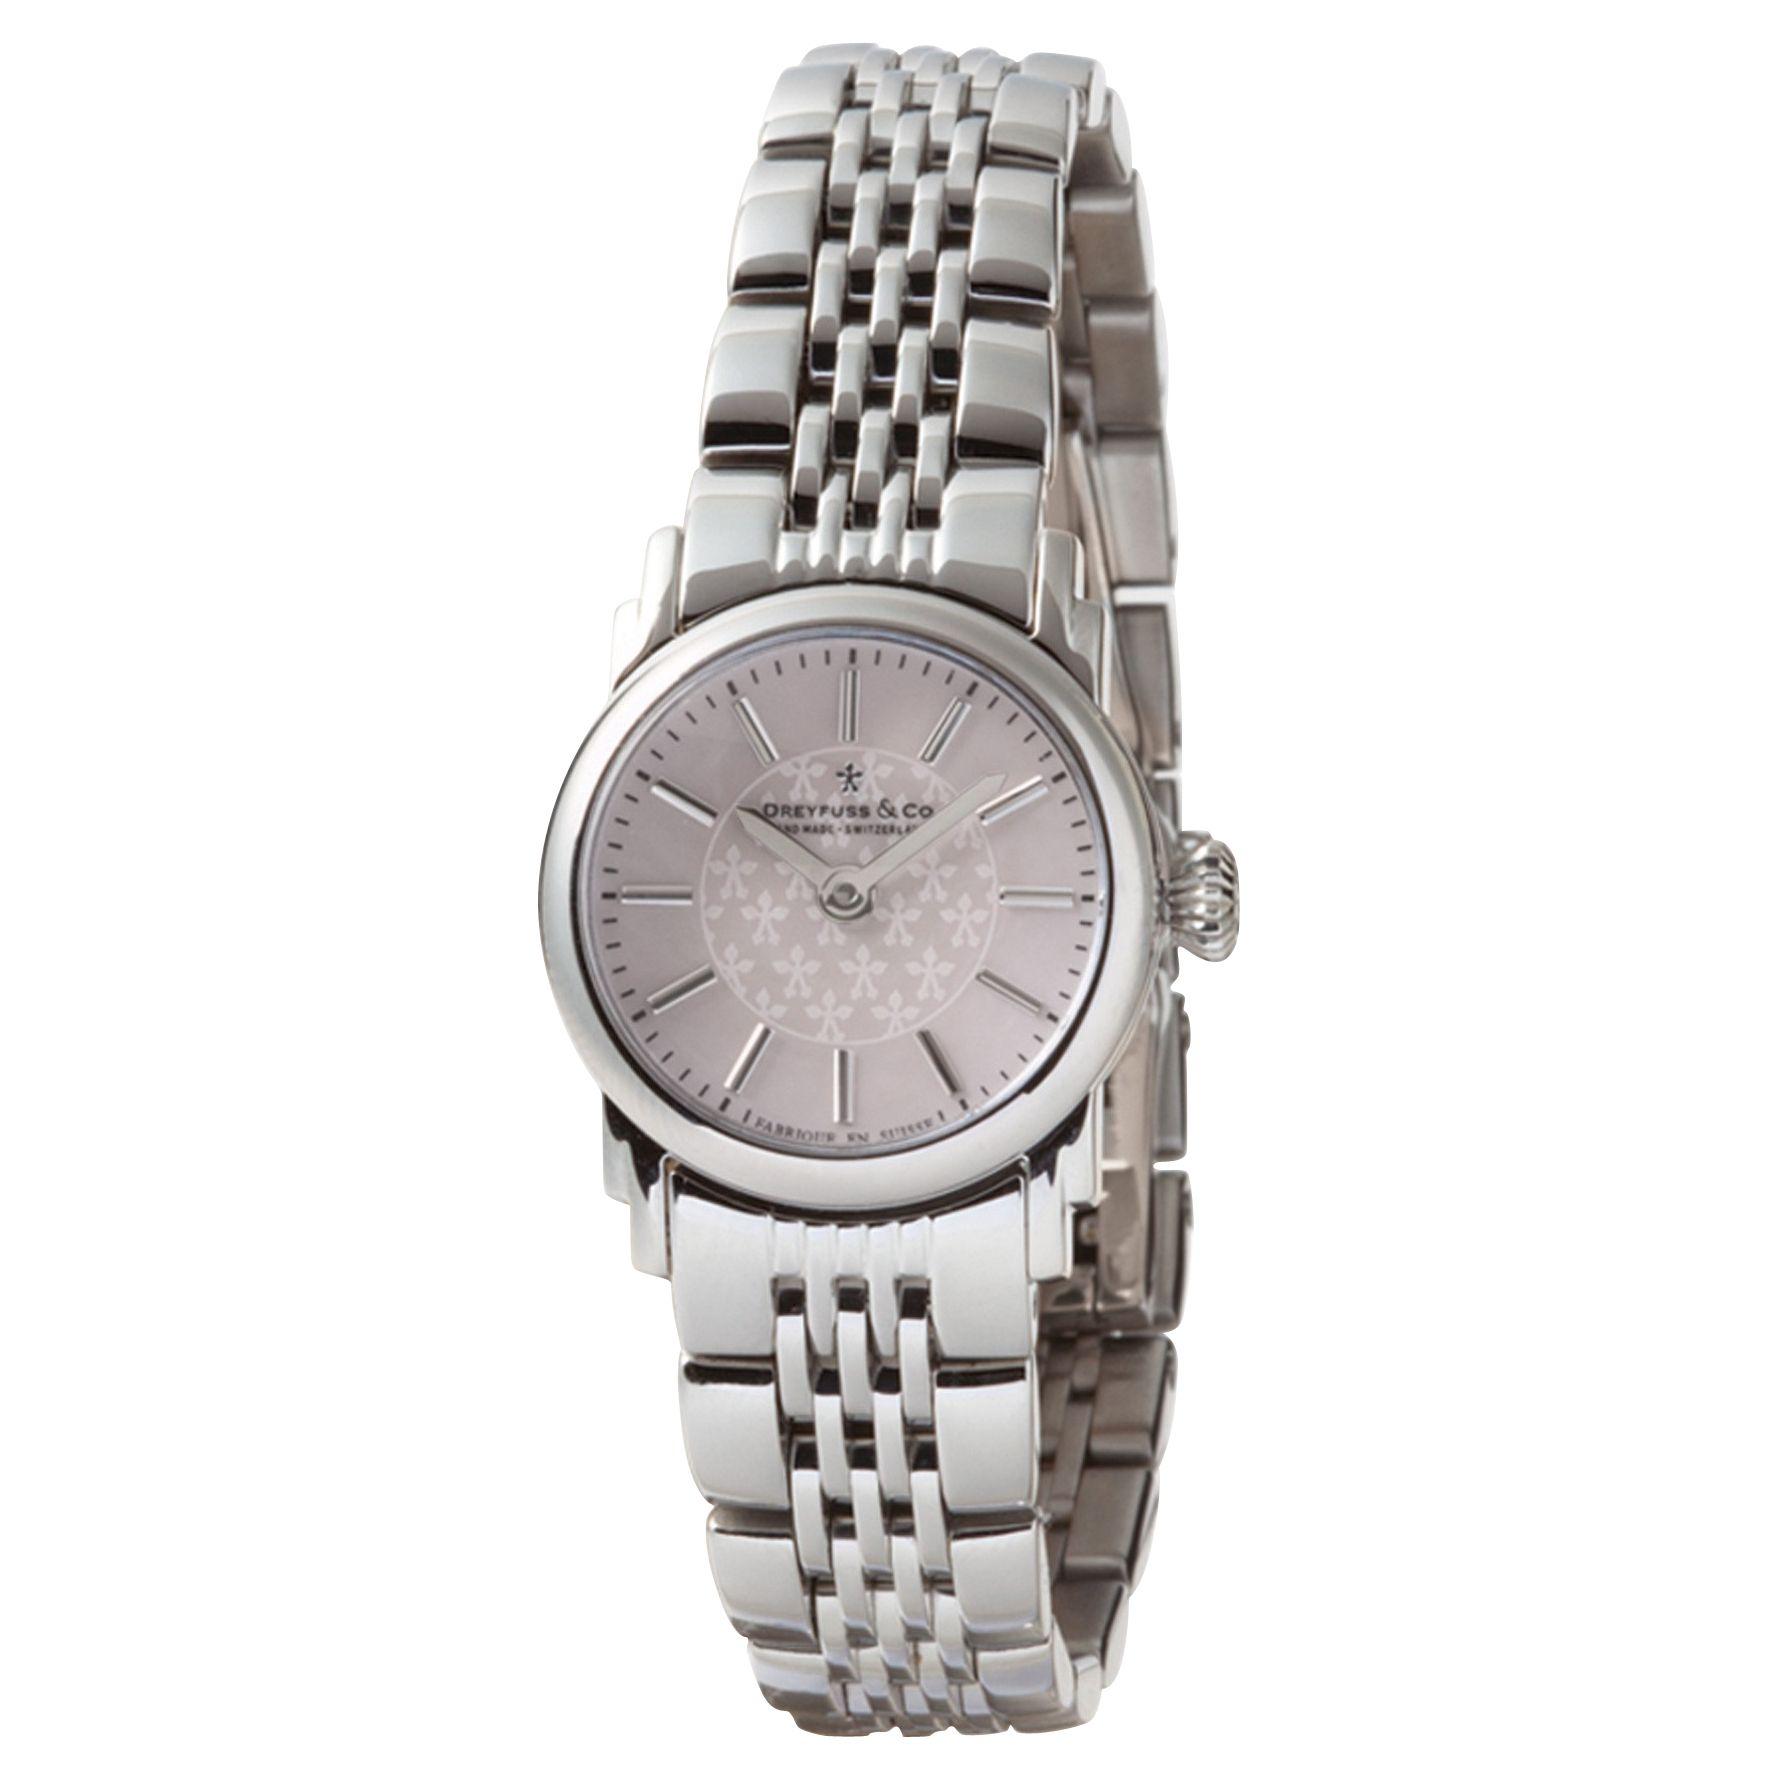 Dreyfuss & Co Dreyfuss & Co Women's Mother Of Pearl Dial Bracelet Strap Watch